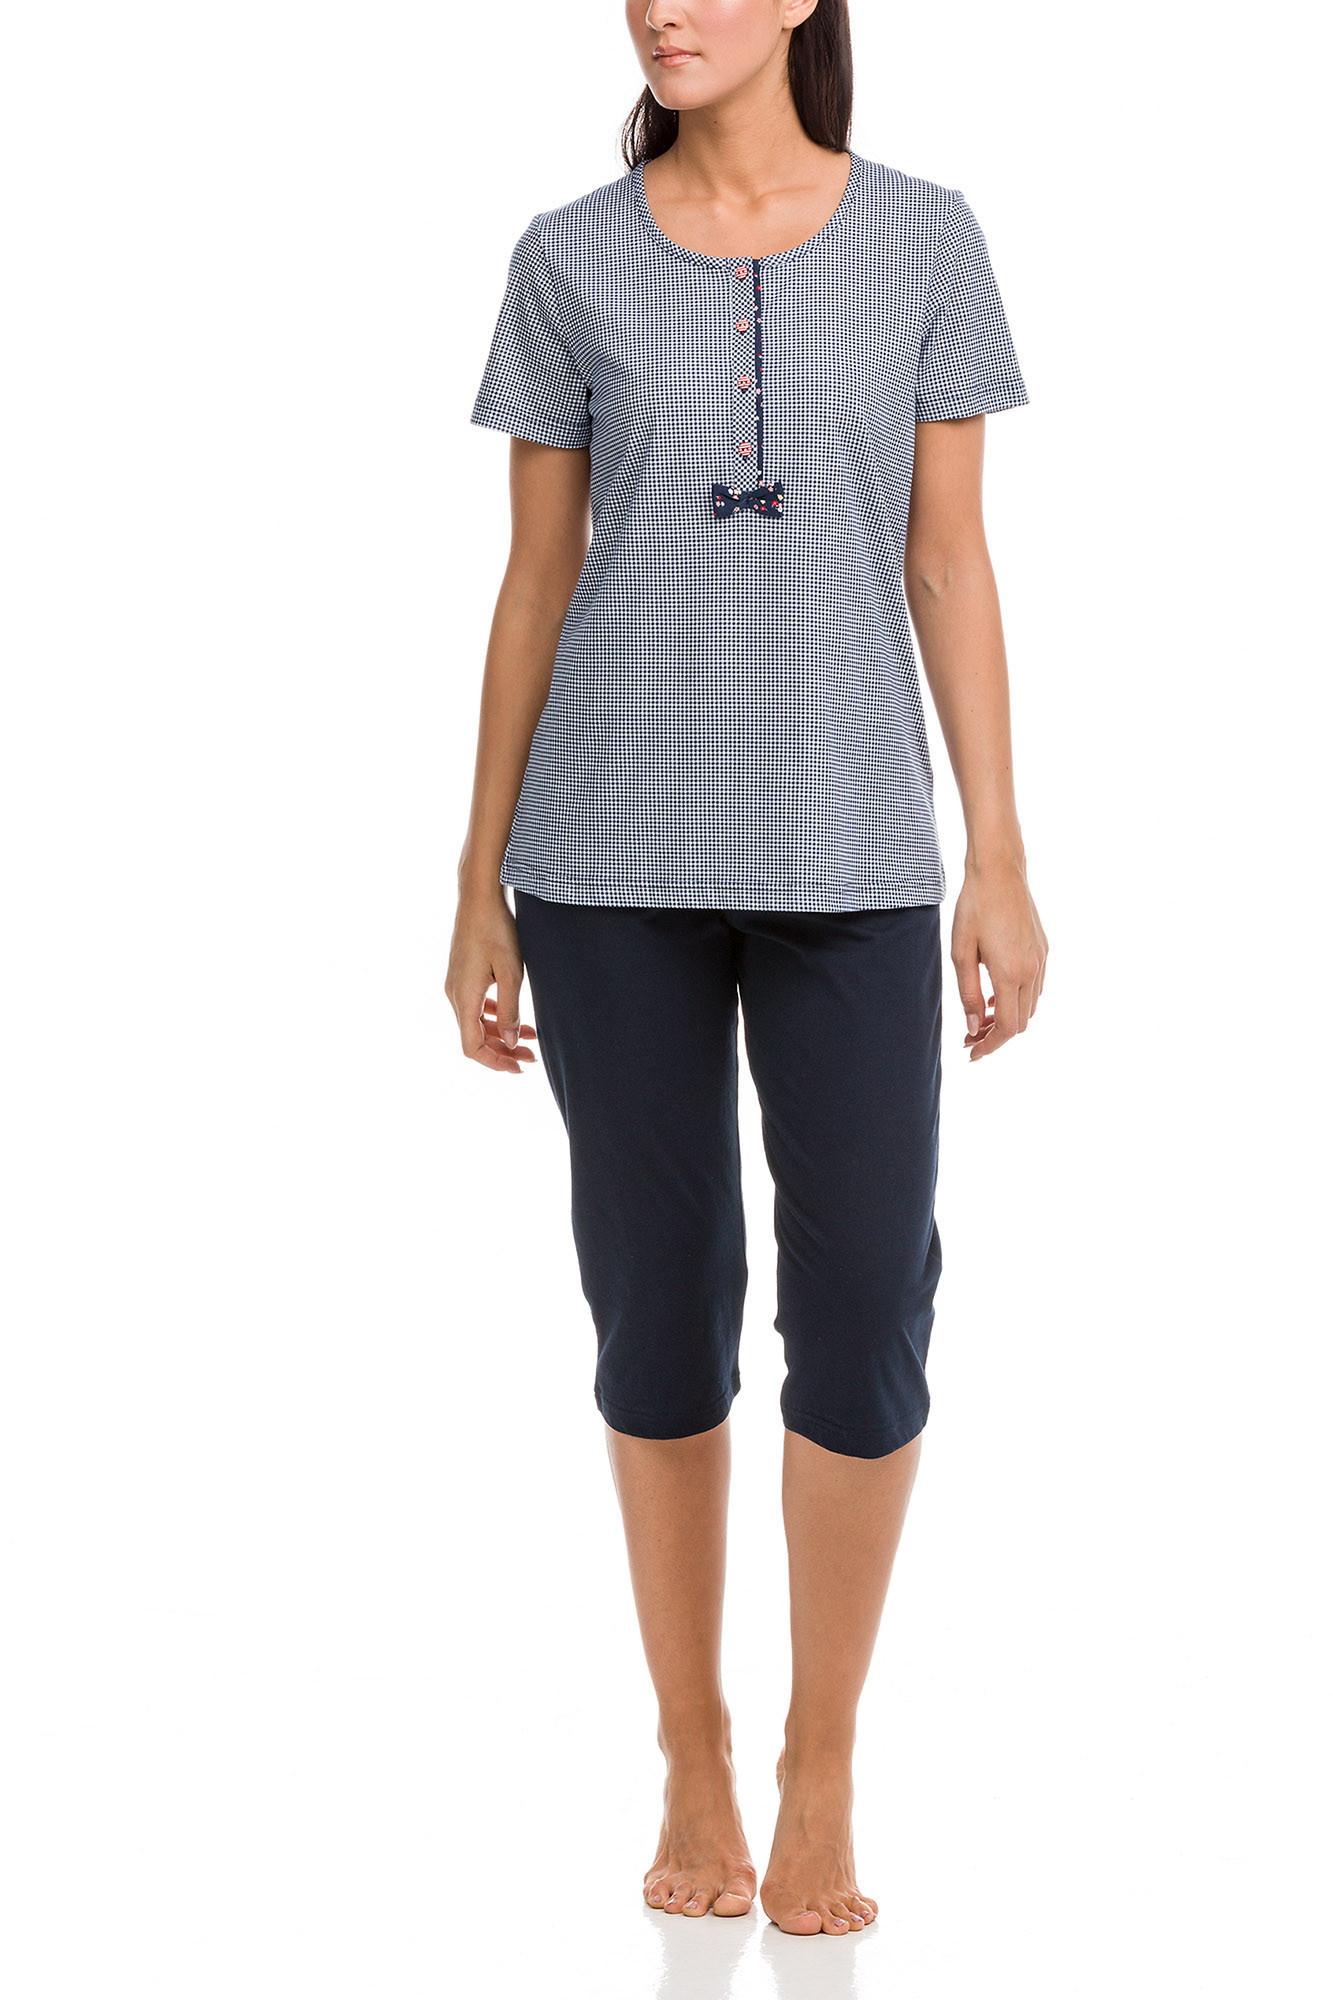 Vamp - Dámske pyžamo 12410 - Vamp blue m